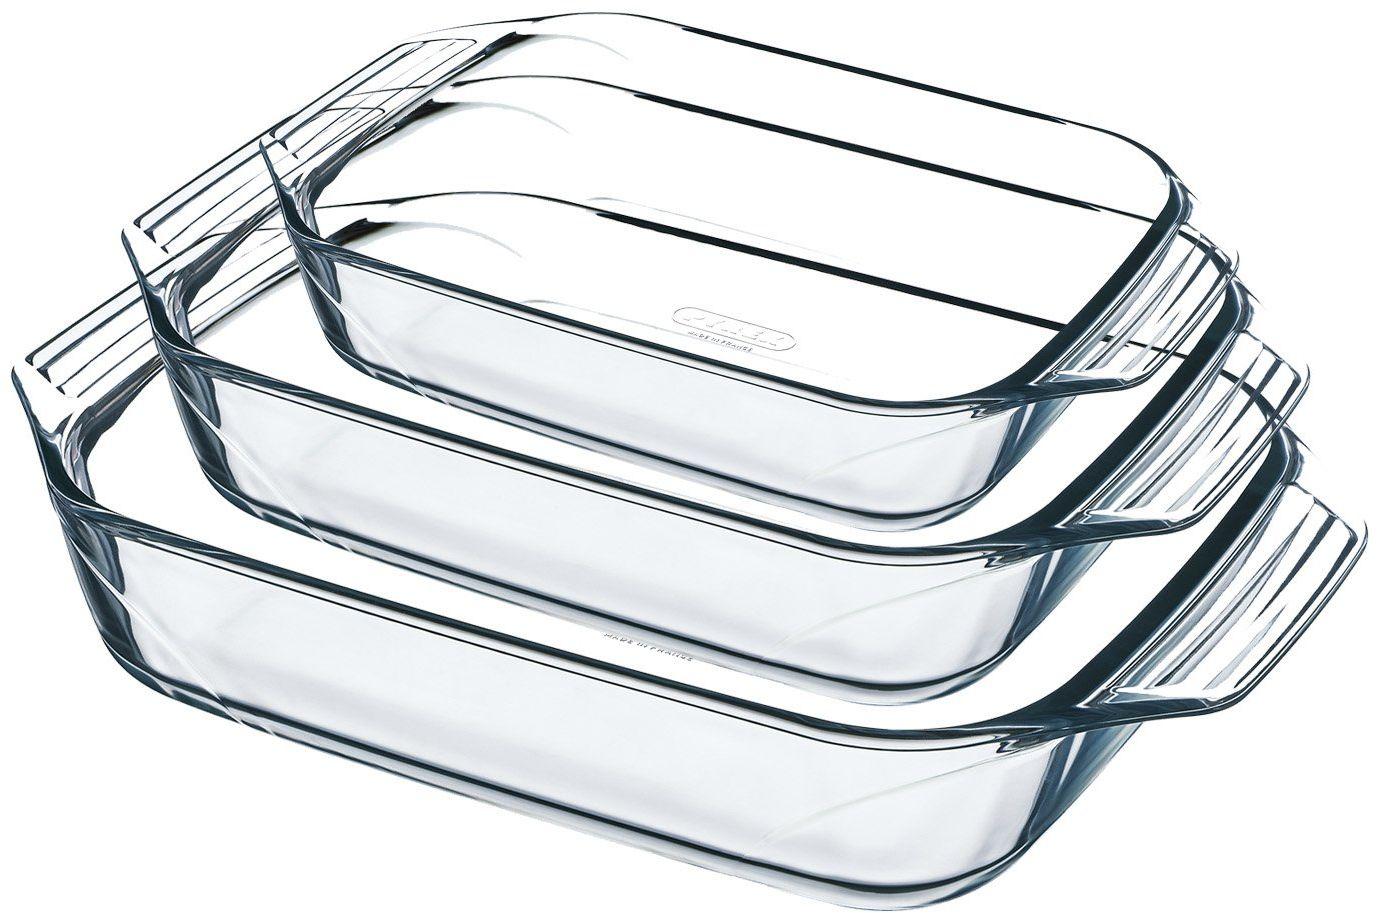 Pyrex 8023510 naczynie do zapiekania ze szkła, szkło borokrzemowe, wyjątkowo wytrzymałe, wyprodukowane we Francji, 3 sztuki